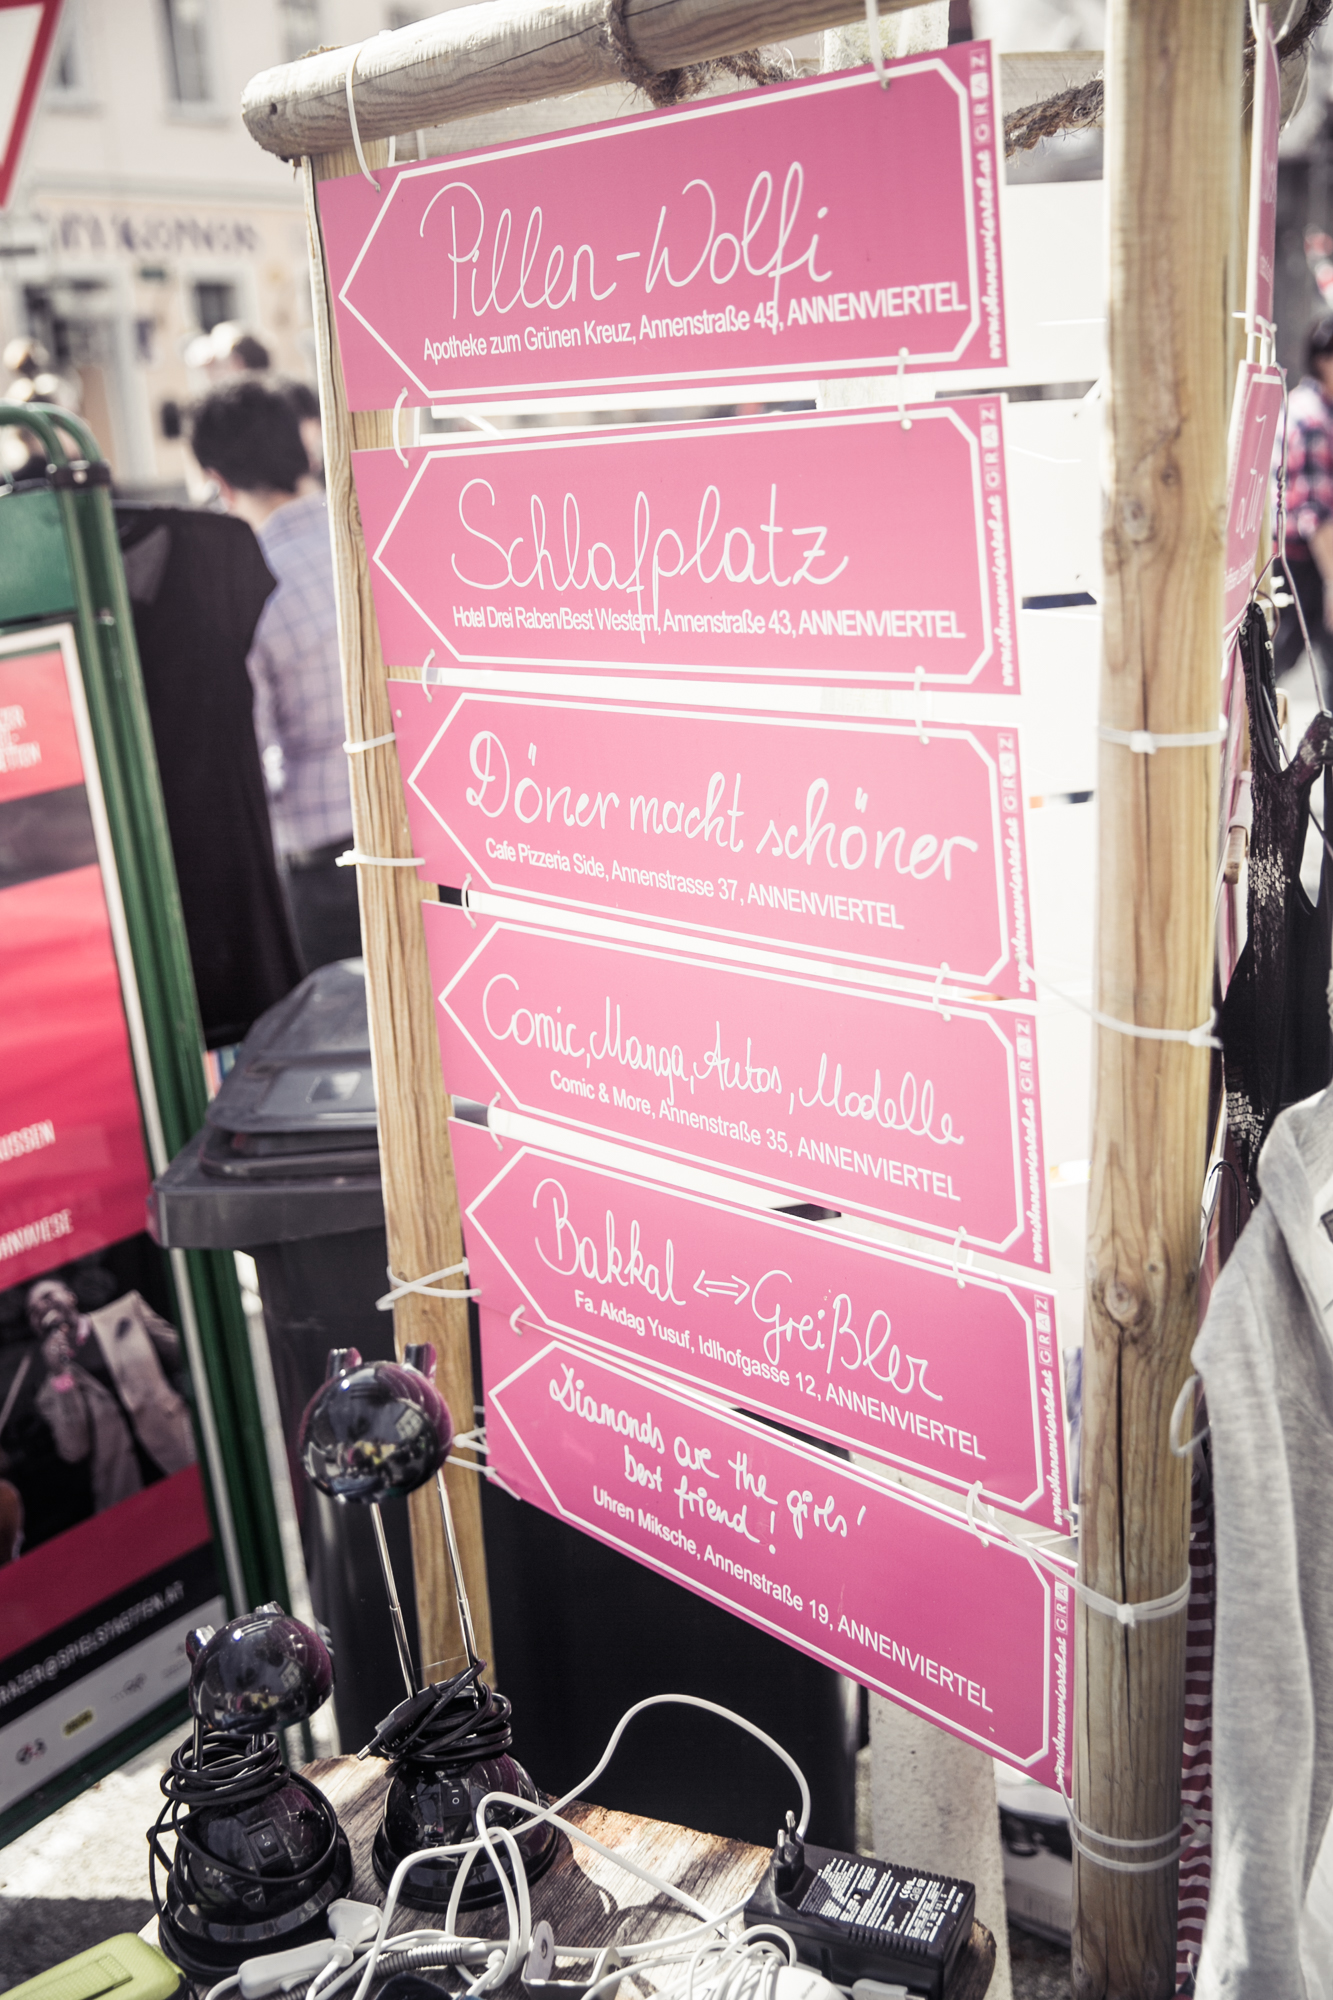 Annenviertel_Flohmarkt007_c_lupi_spuma